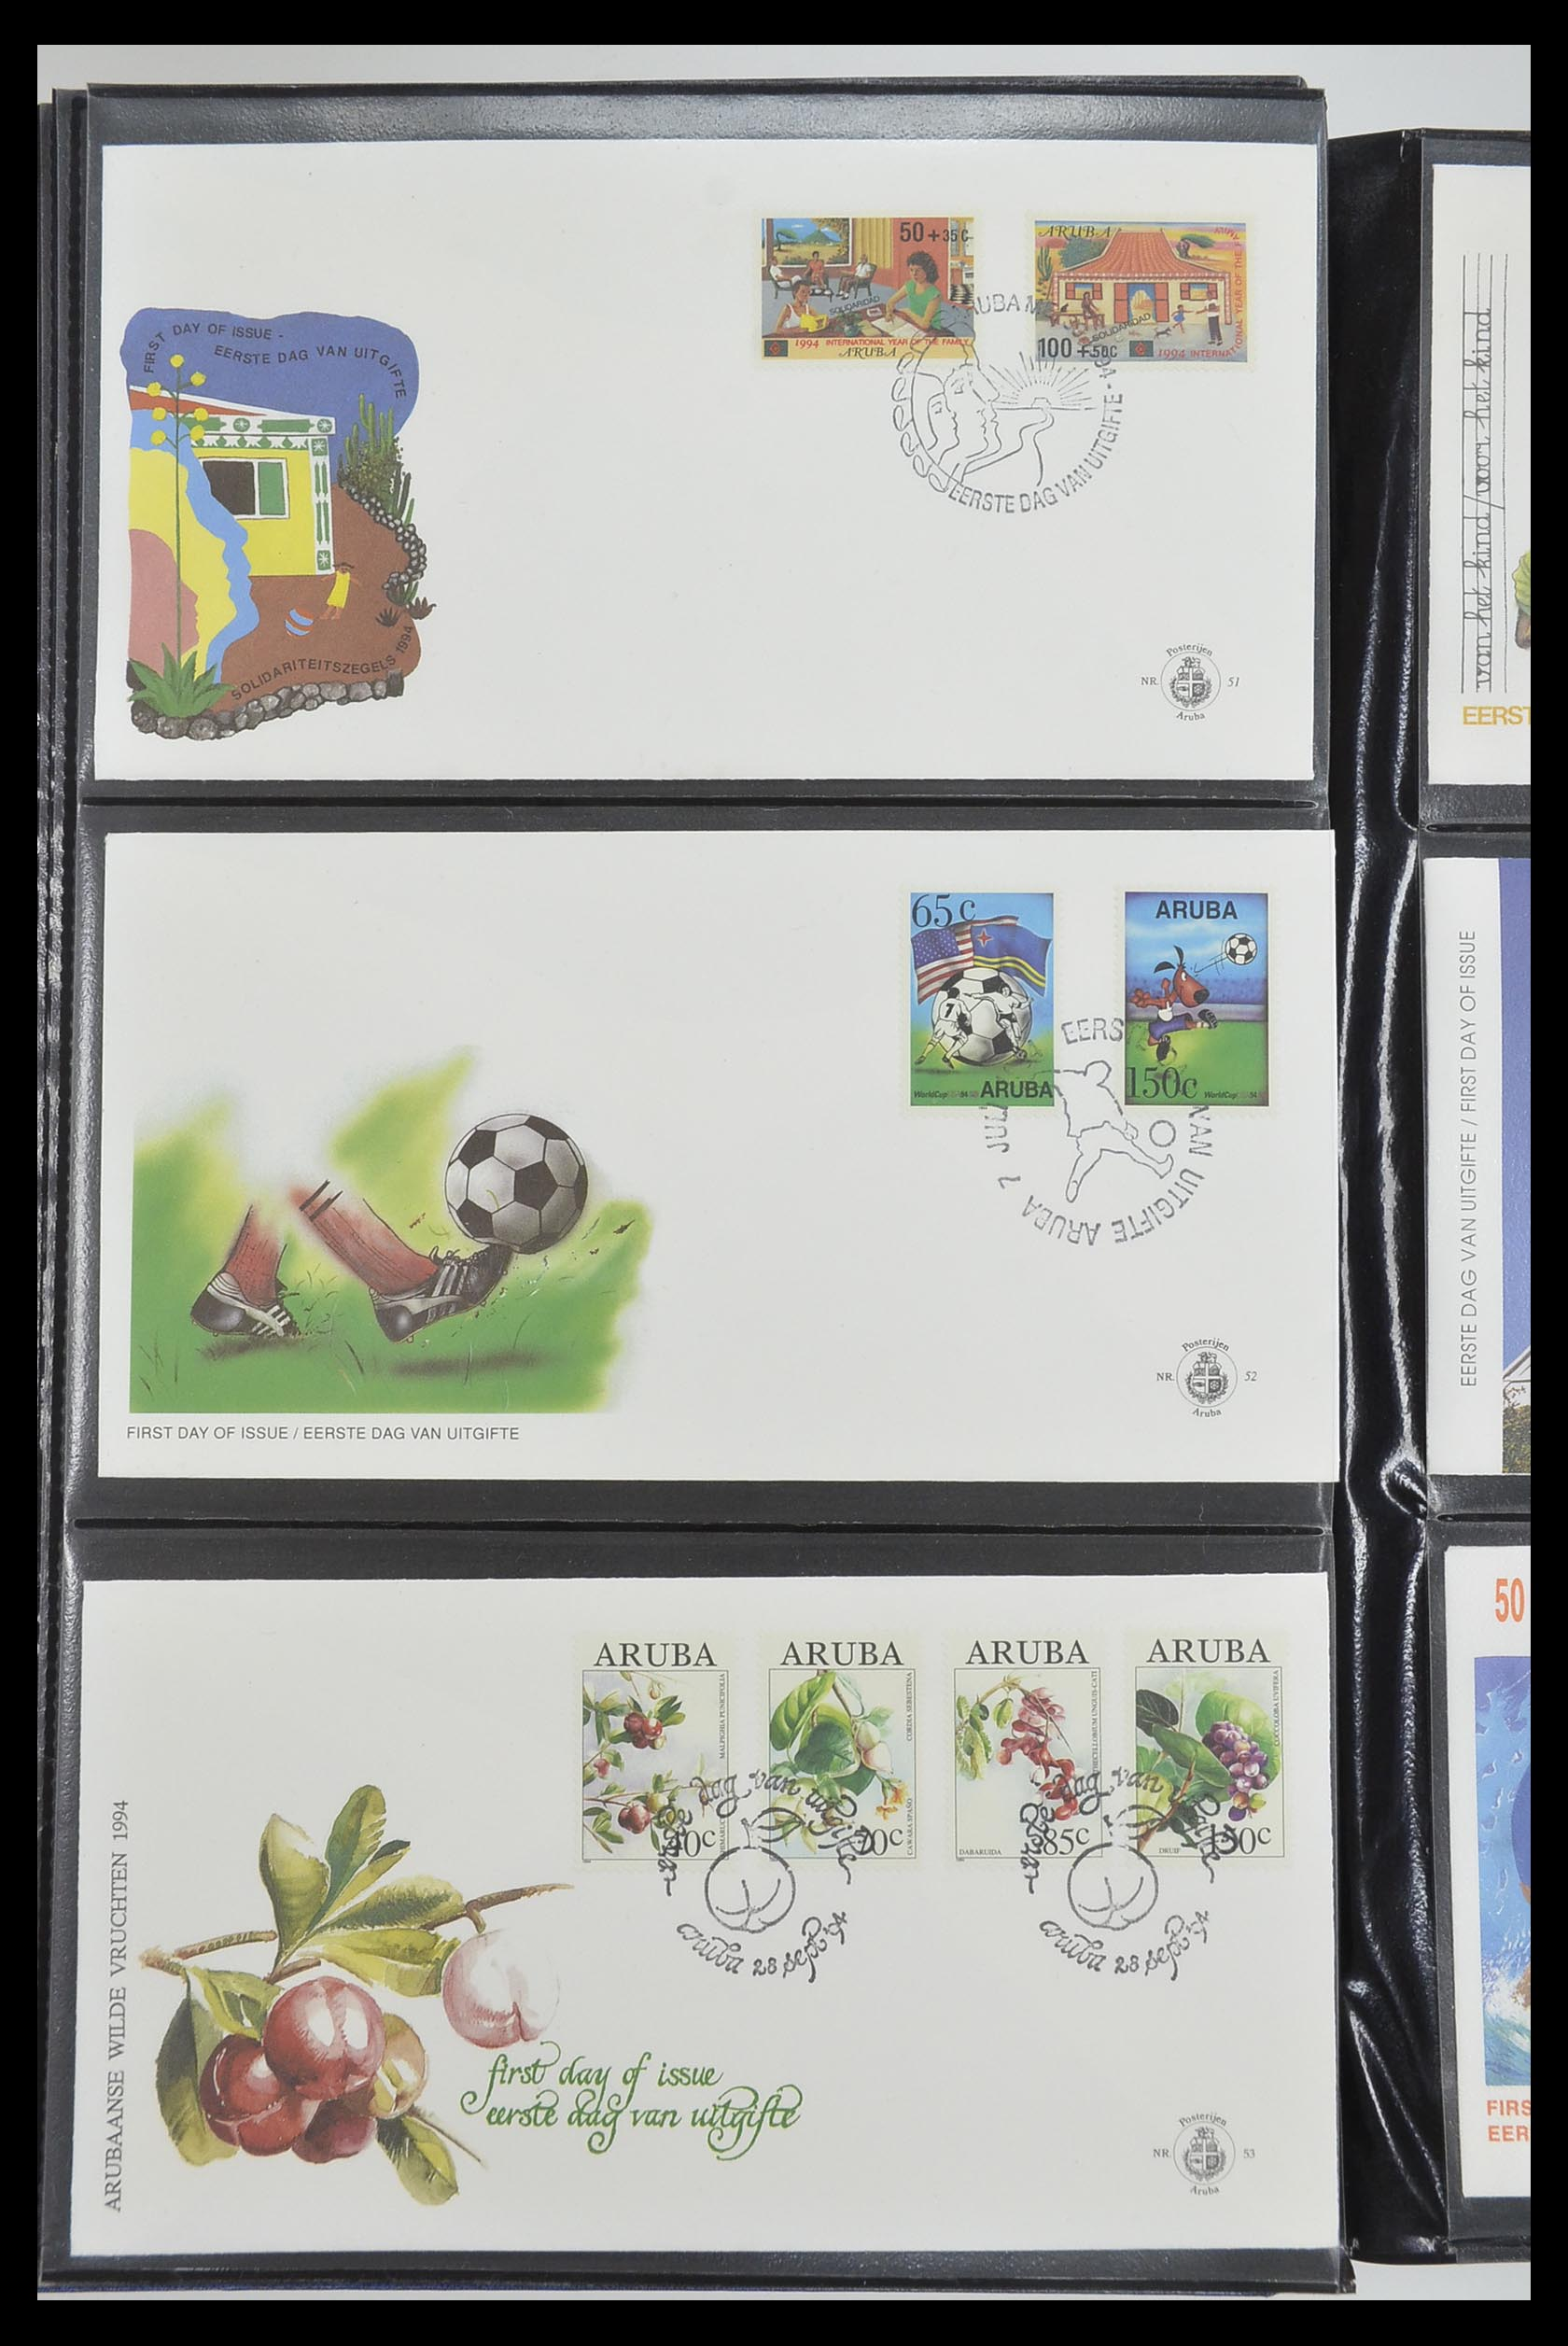 33585 018 - Postzegelverzameling 33585 Aruba FDC's 1986-2006.